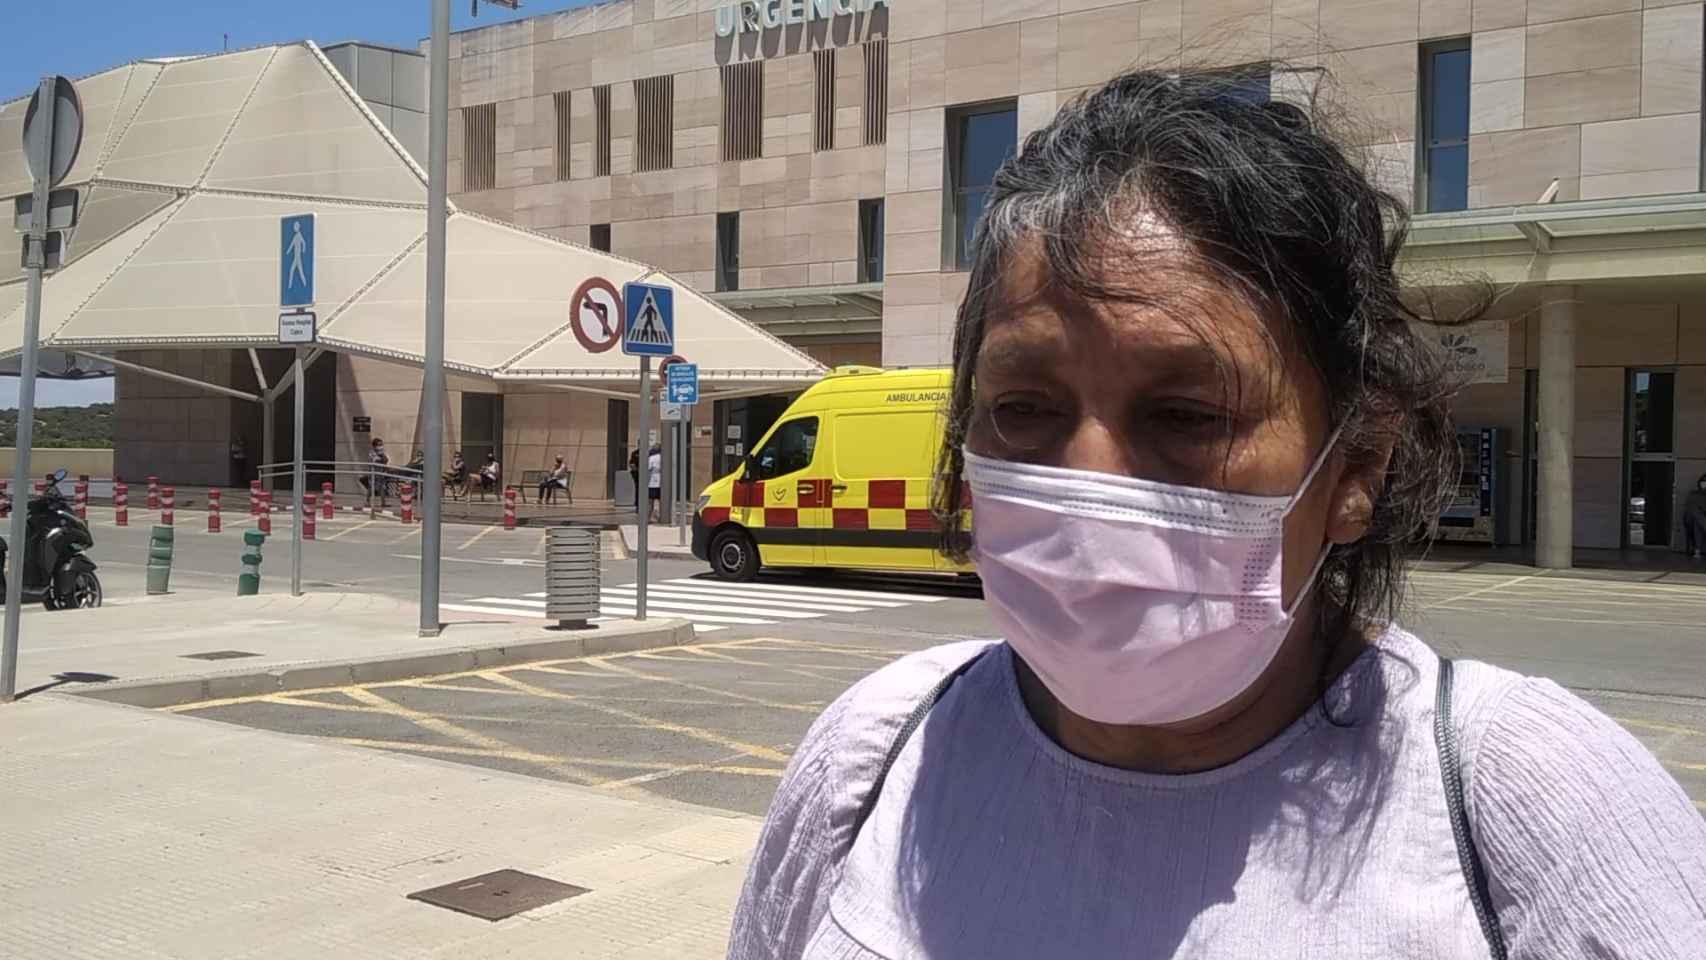 Mariana, la prima de la mujer apuñalada en las 'colas del hambre', explica cómo atacaron a Lili en Cartagena.